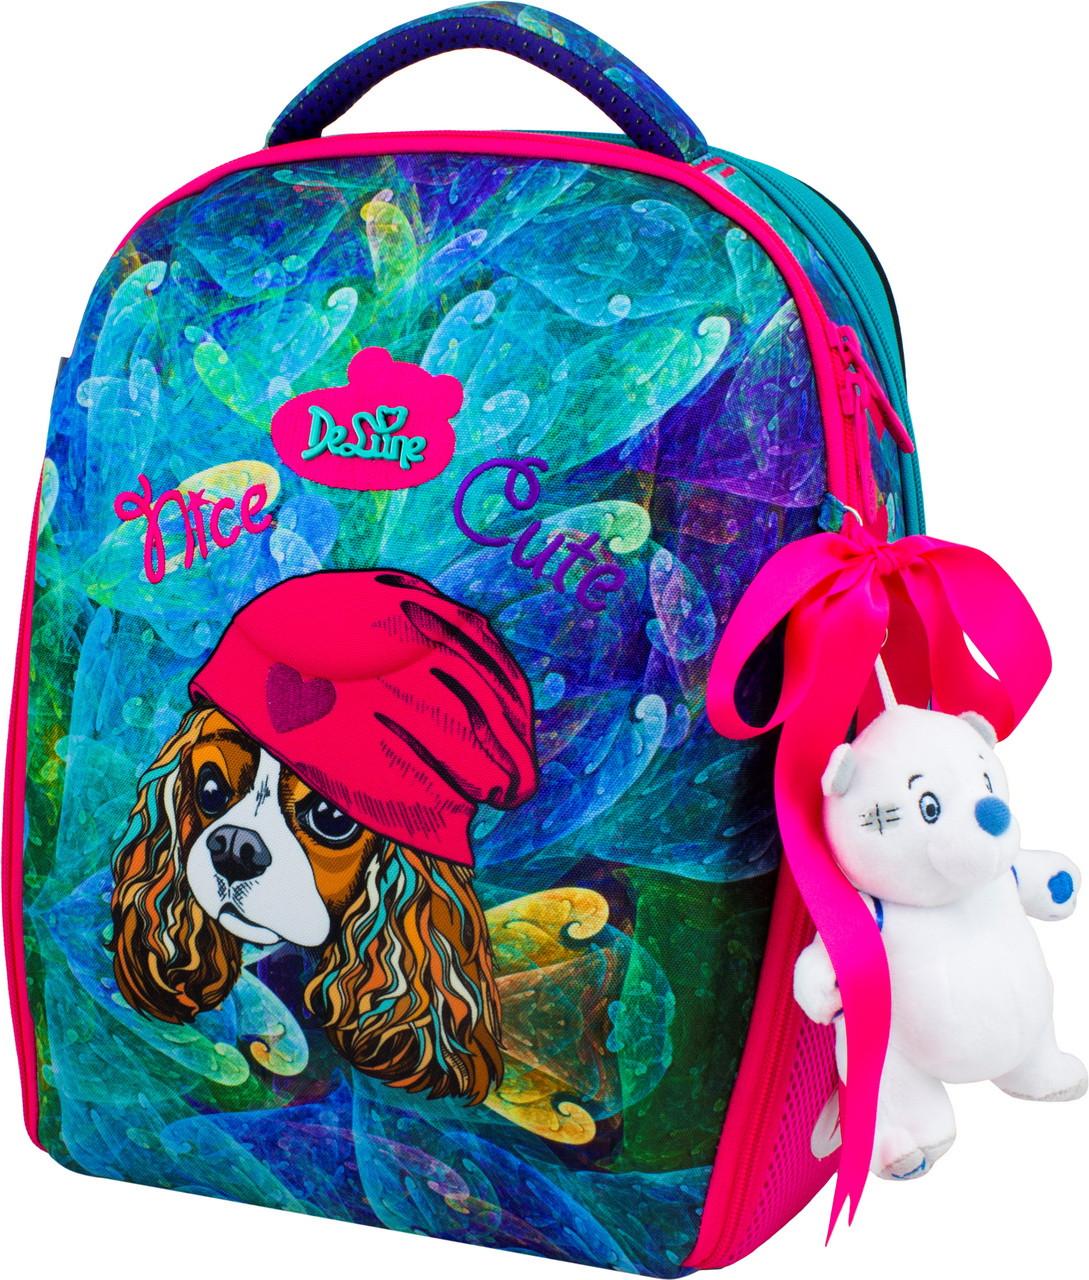 Школьный ранец рюкзак набор DeLune (рюкзак+сменка+брелок) 7-148